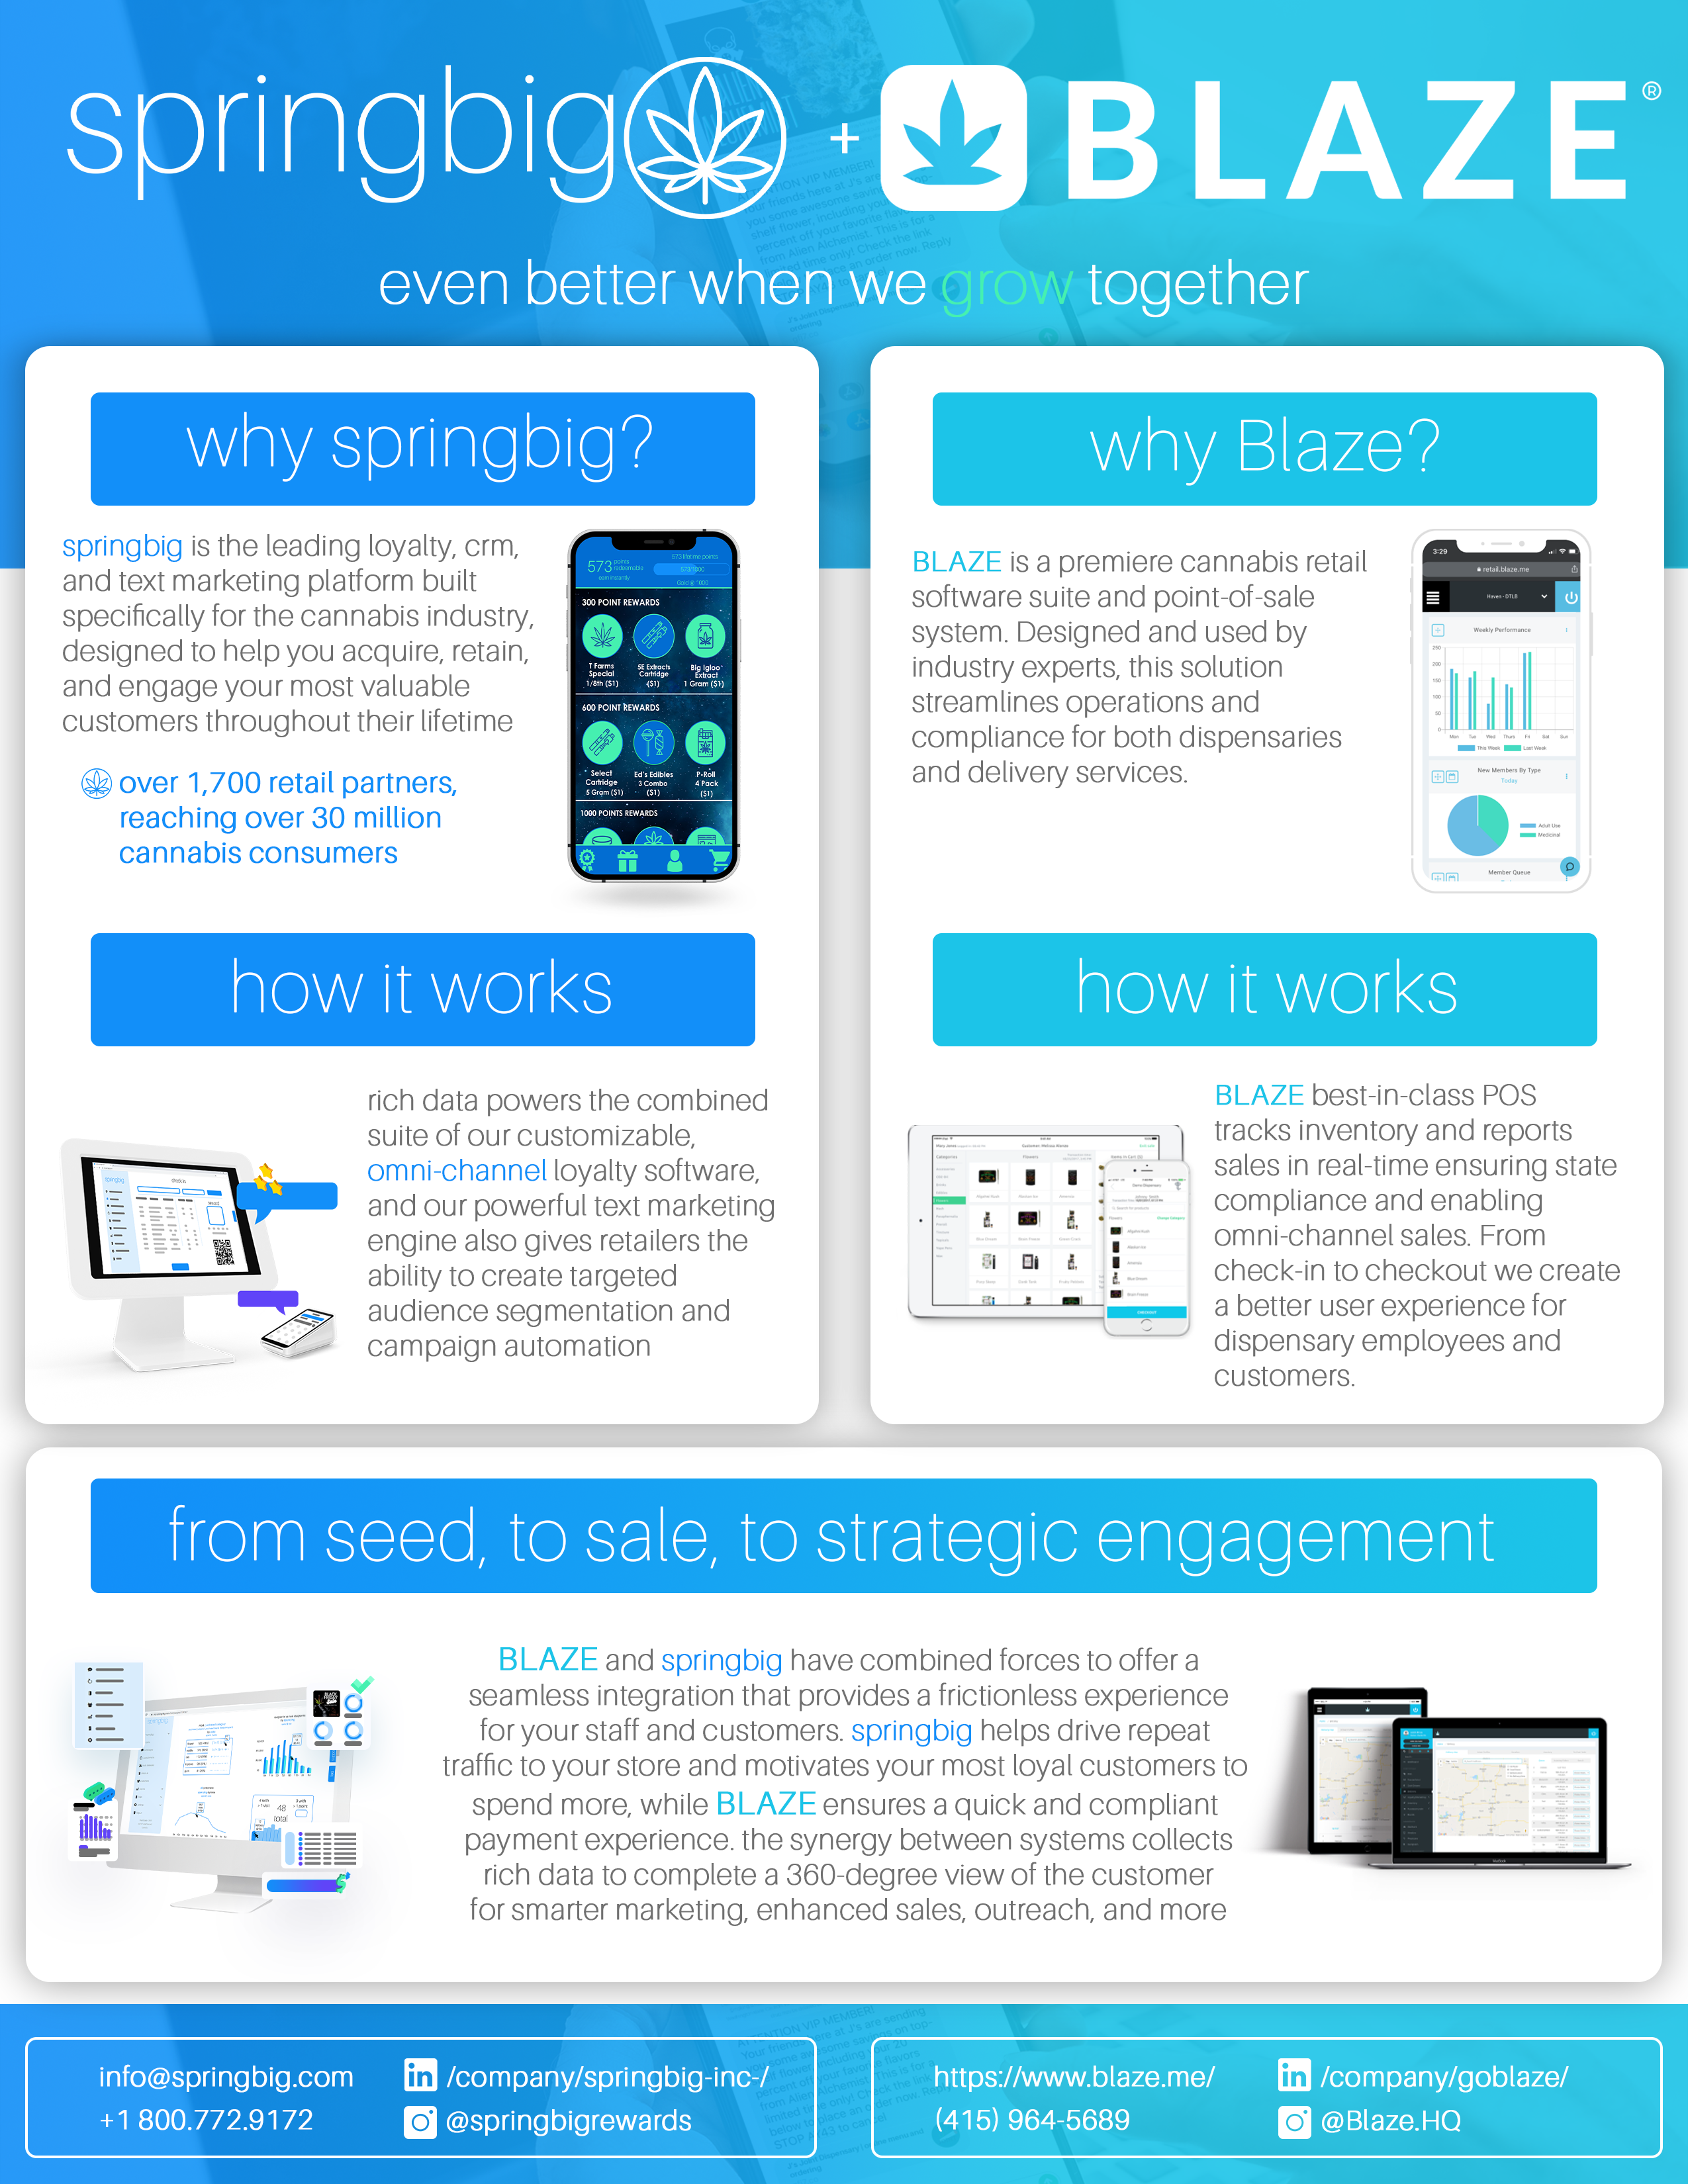 springbig dispensary marketing software integration with Blaze dispensary POS and ecommerce